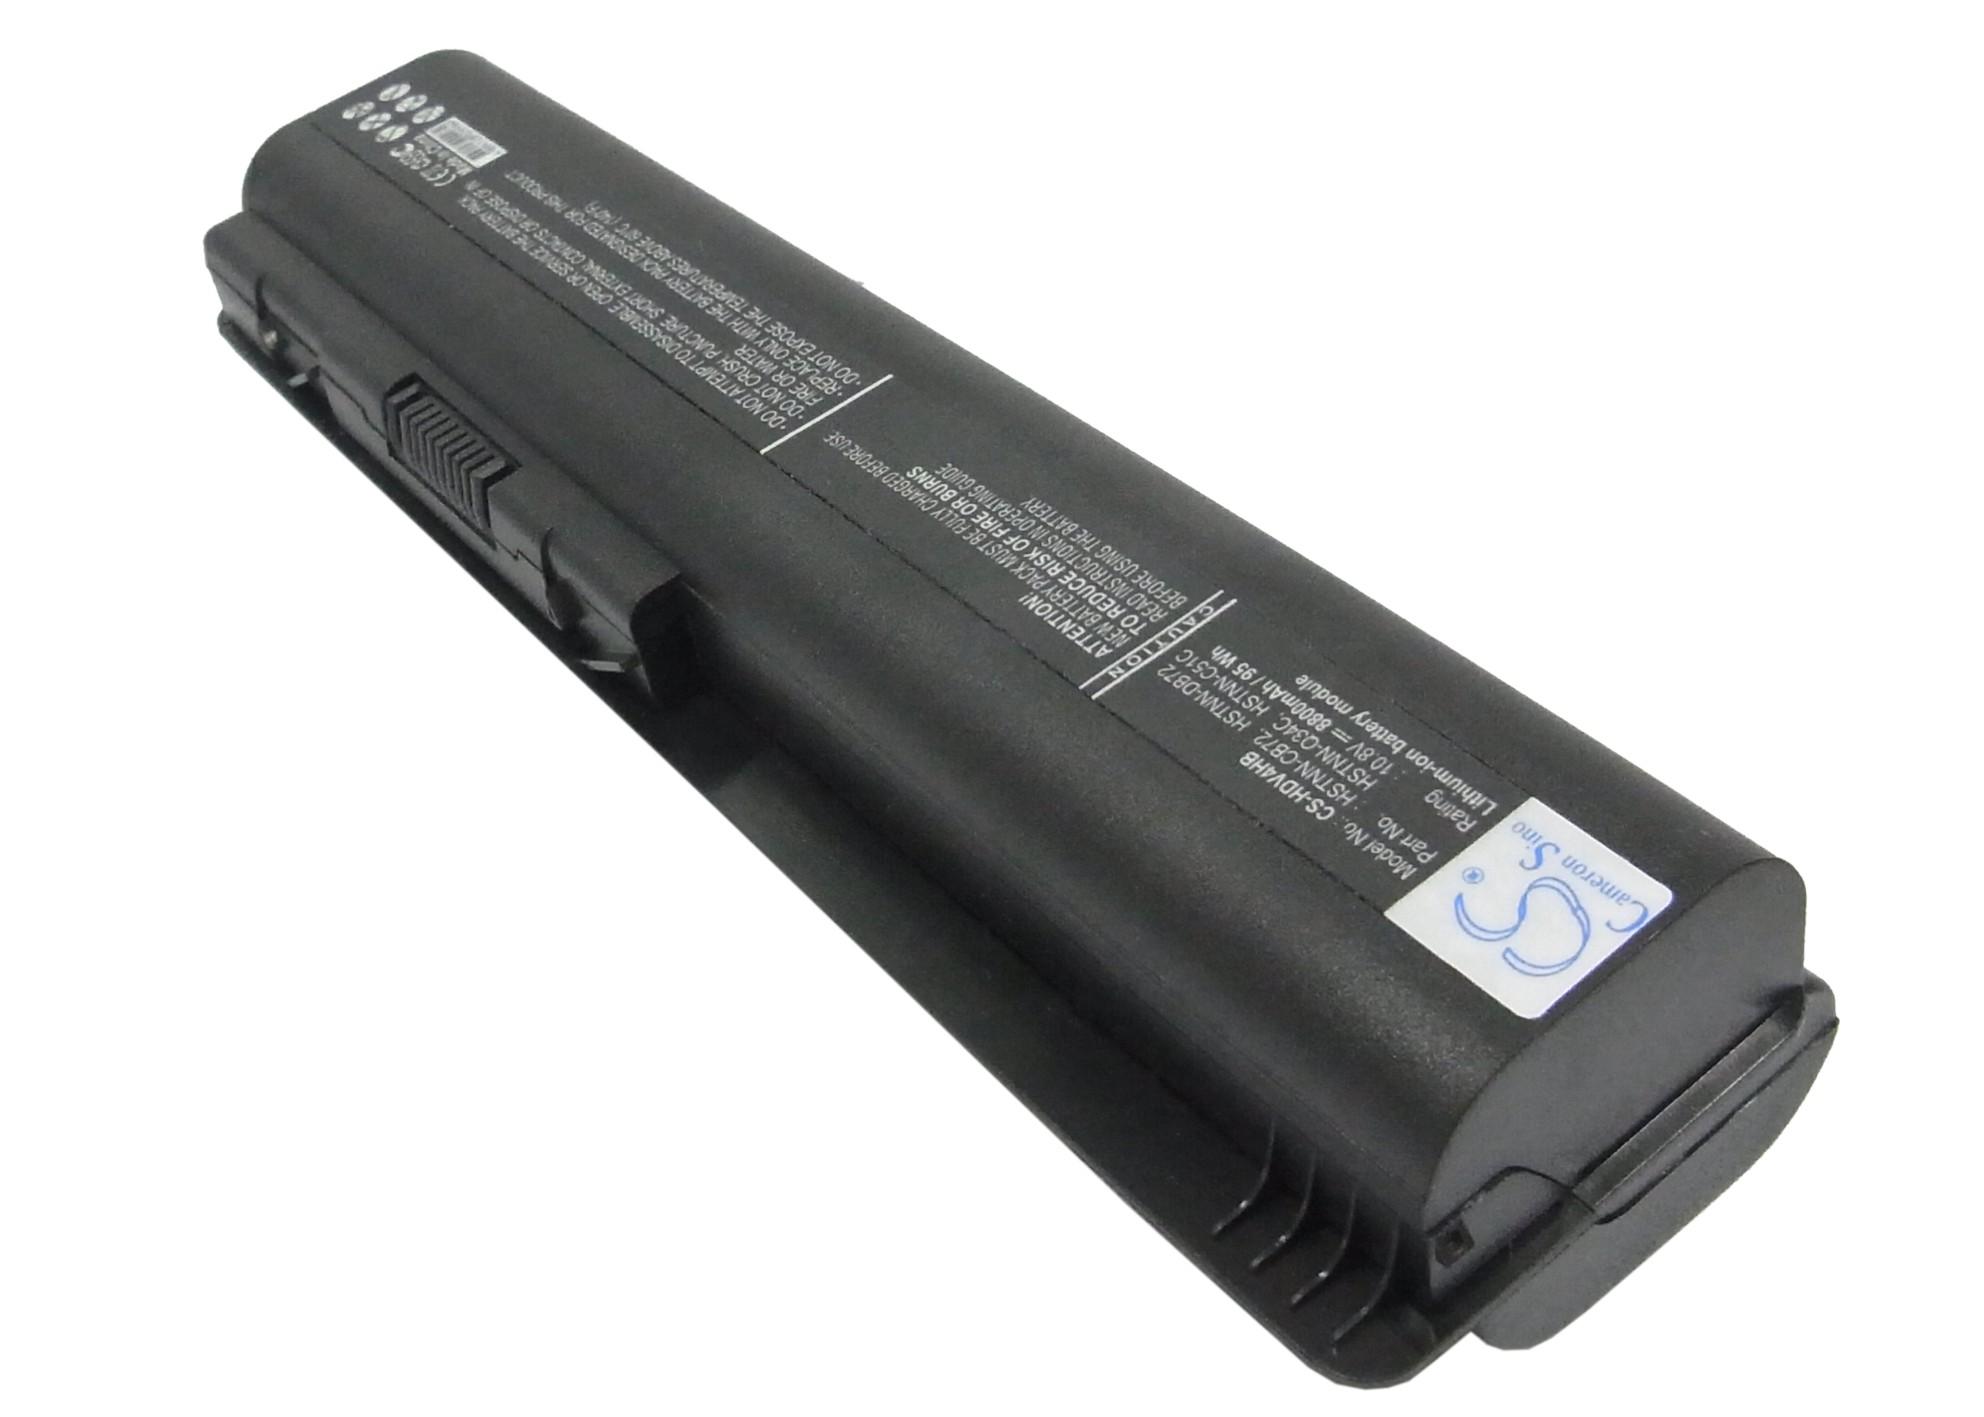 Cameron Sino baterie do notebooků pro COMPAQ Presario CQ60-419WM 10.8V Li-ion 8800mAh černá - neoriginální